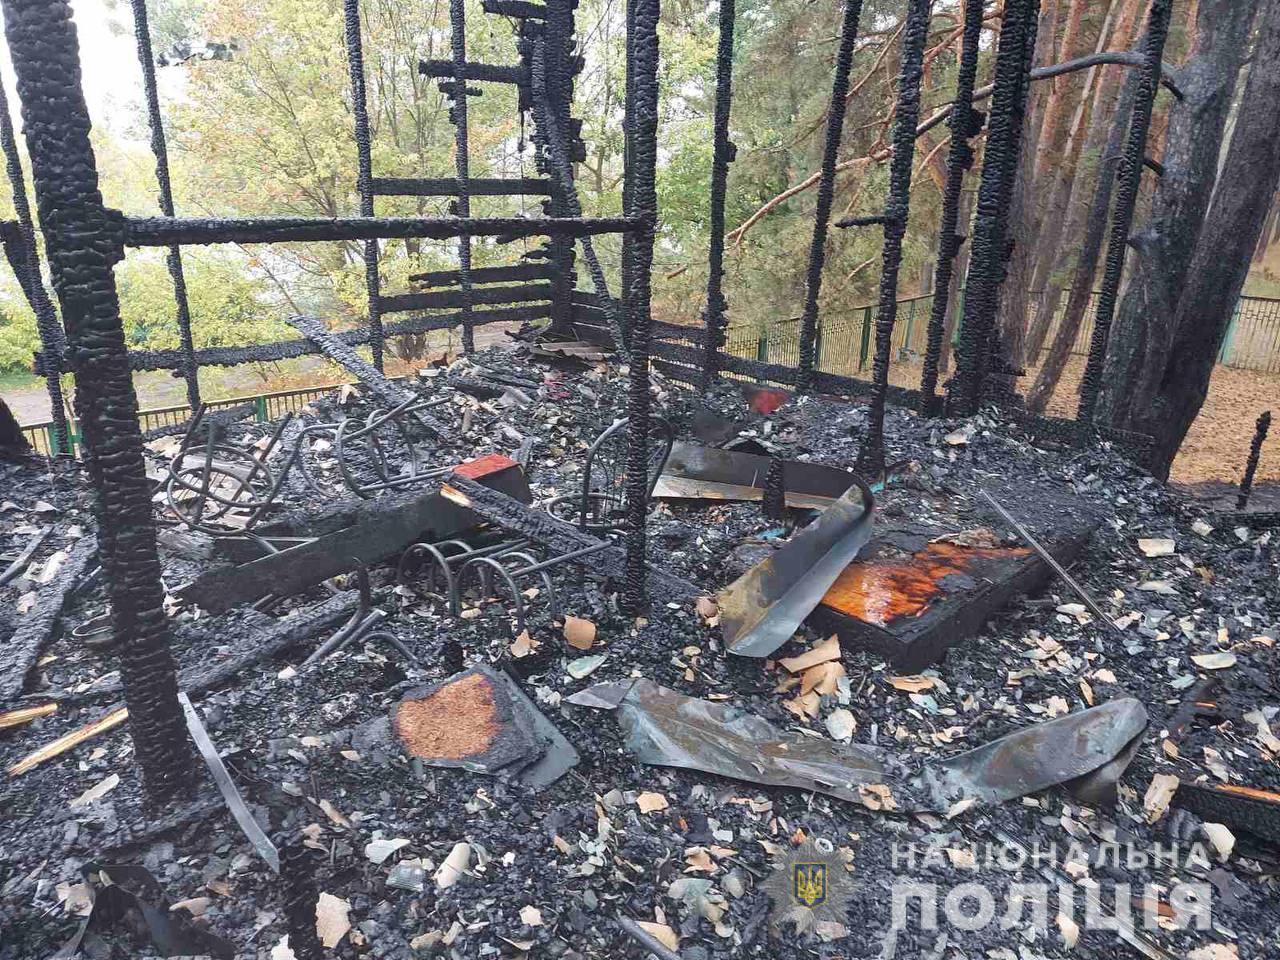 Під Харковом на базі відпочинку спалахнула пожежа: двоє постраждалих